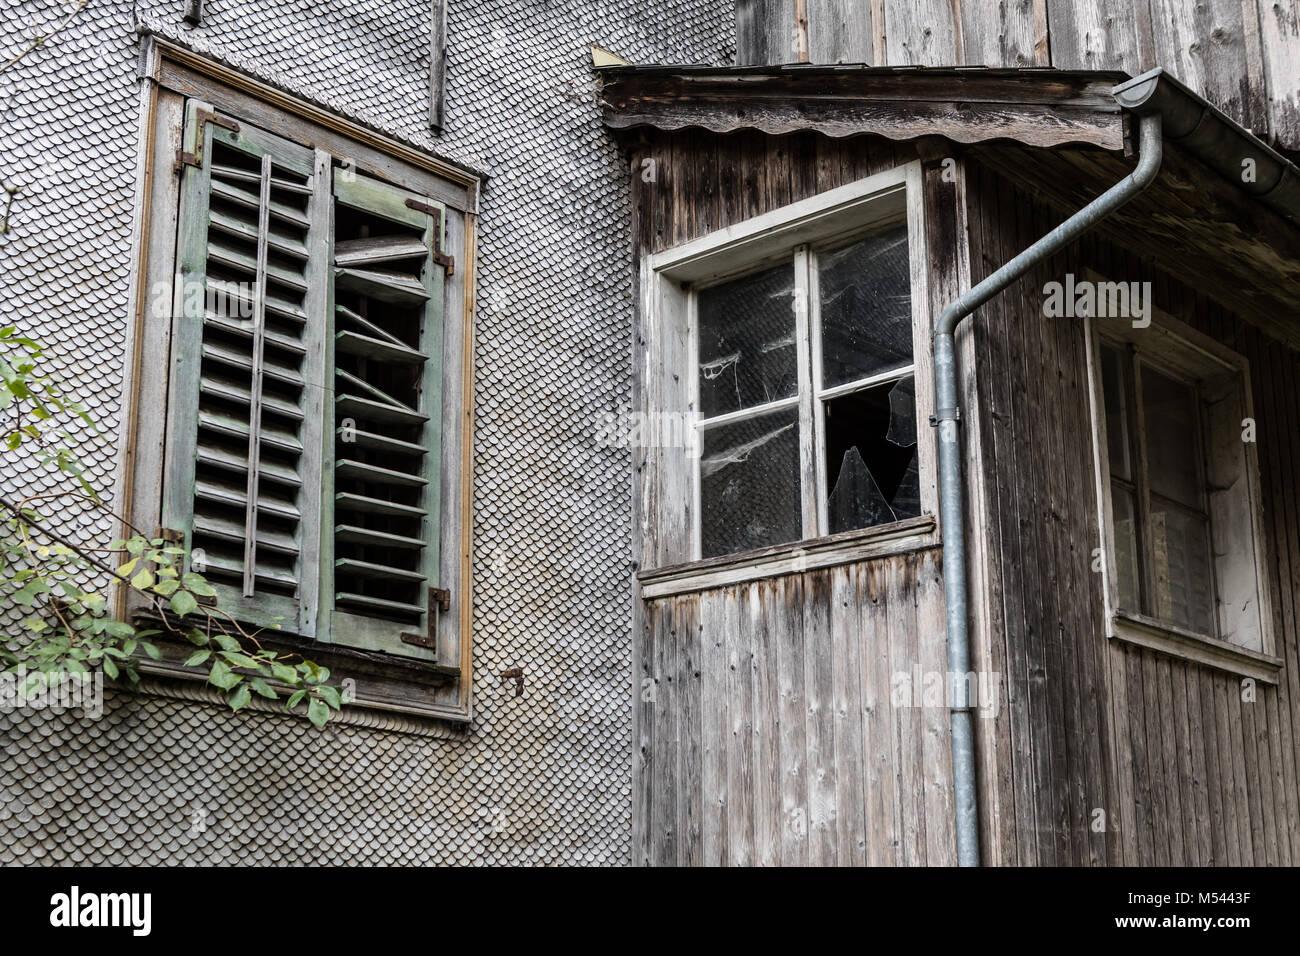 Fenster an einem verlassenen Wohn- und Bauernhaus - verlorene Ort Stockbild